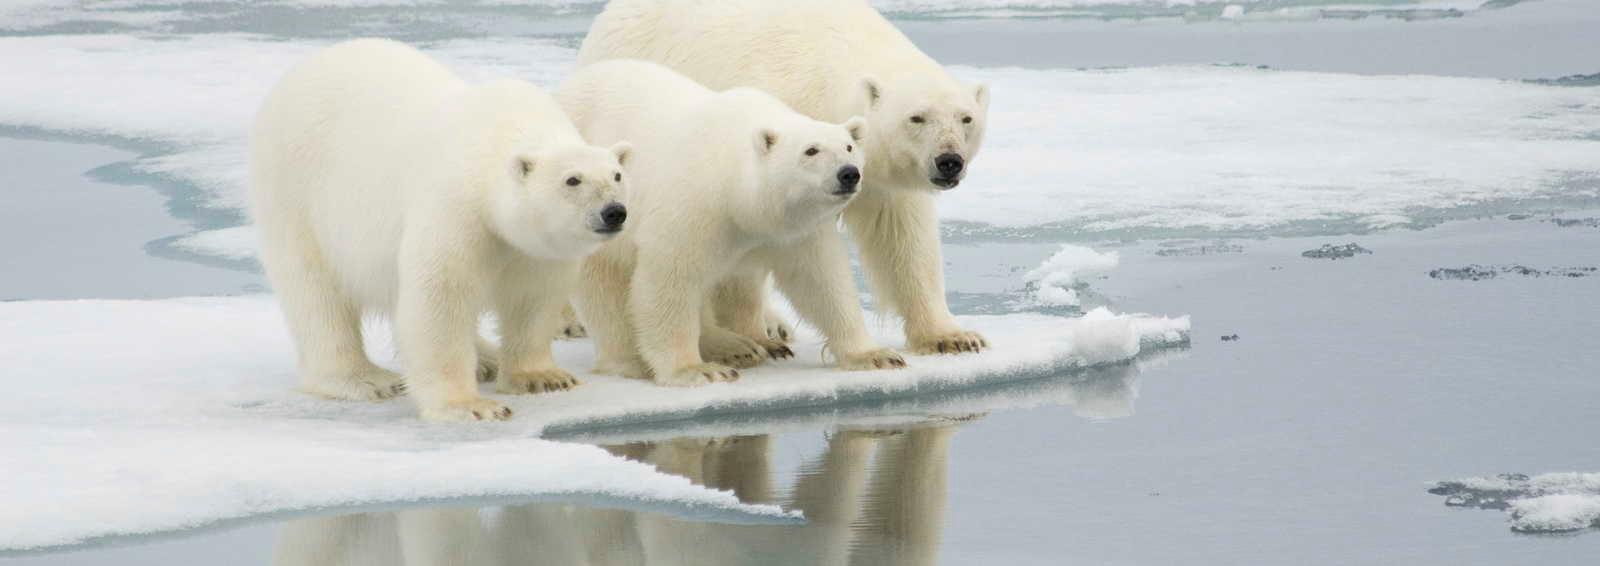 Polar bears, Arctic